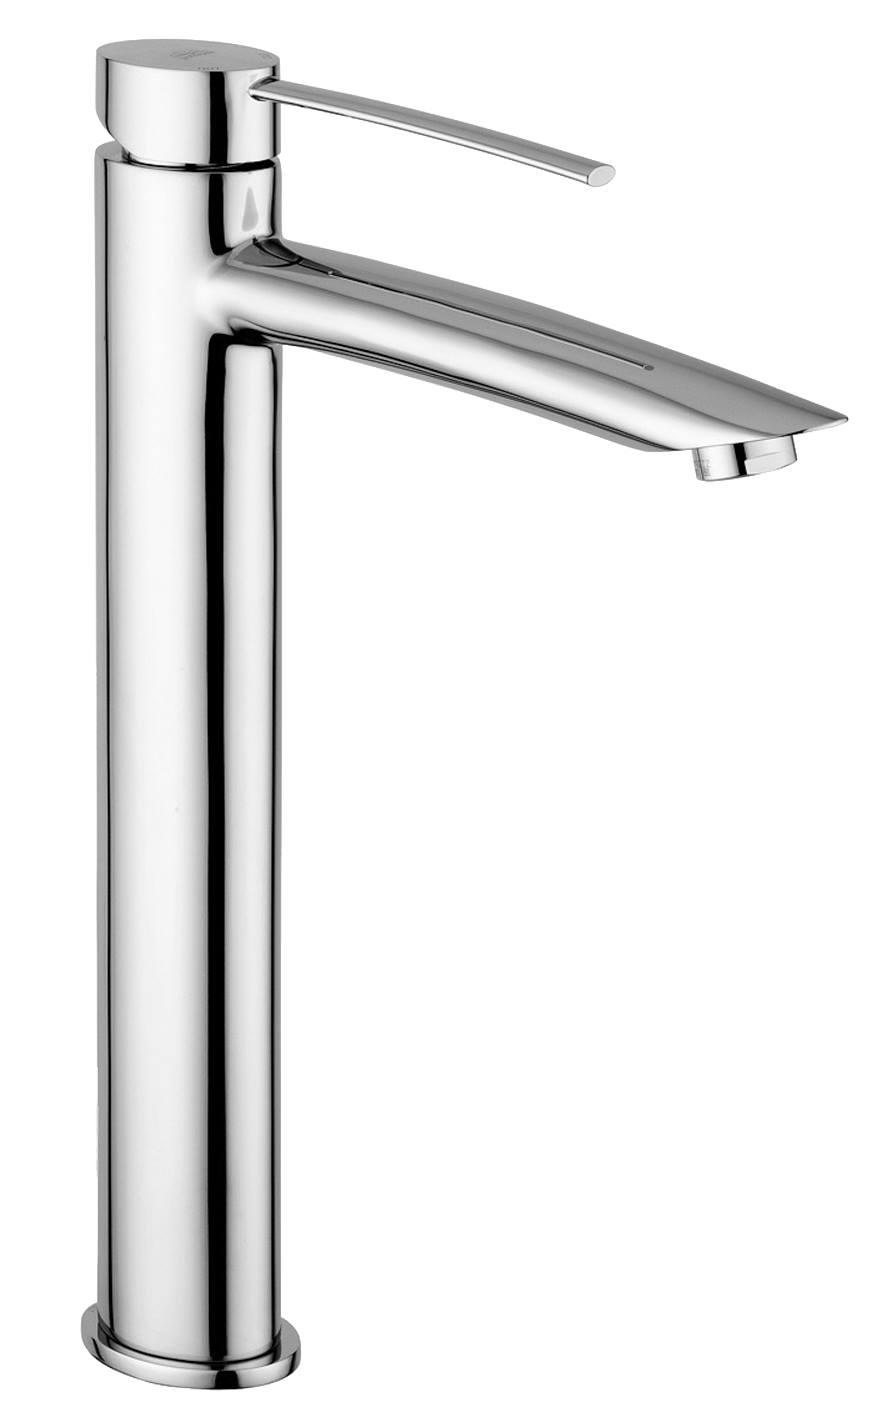 VÒI CHẬU NÓNG LẠNH PAFFONI BR081CR3 (Vòi lavabo model: BR081CR3)